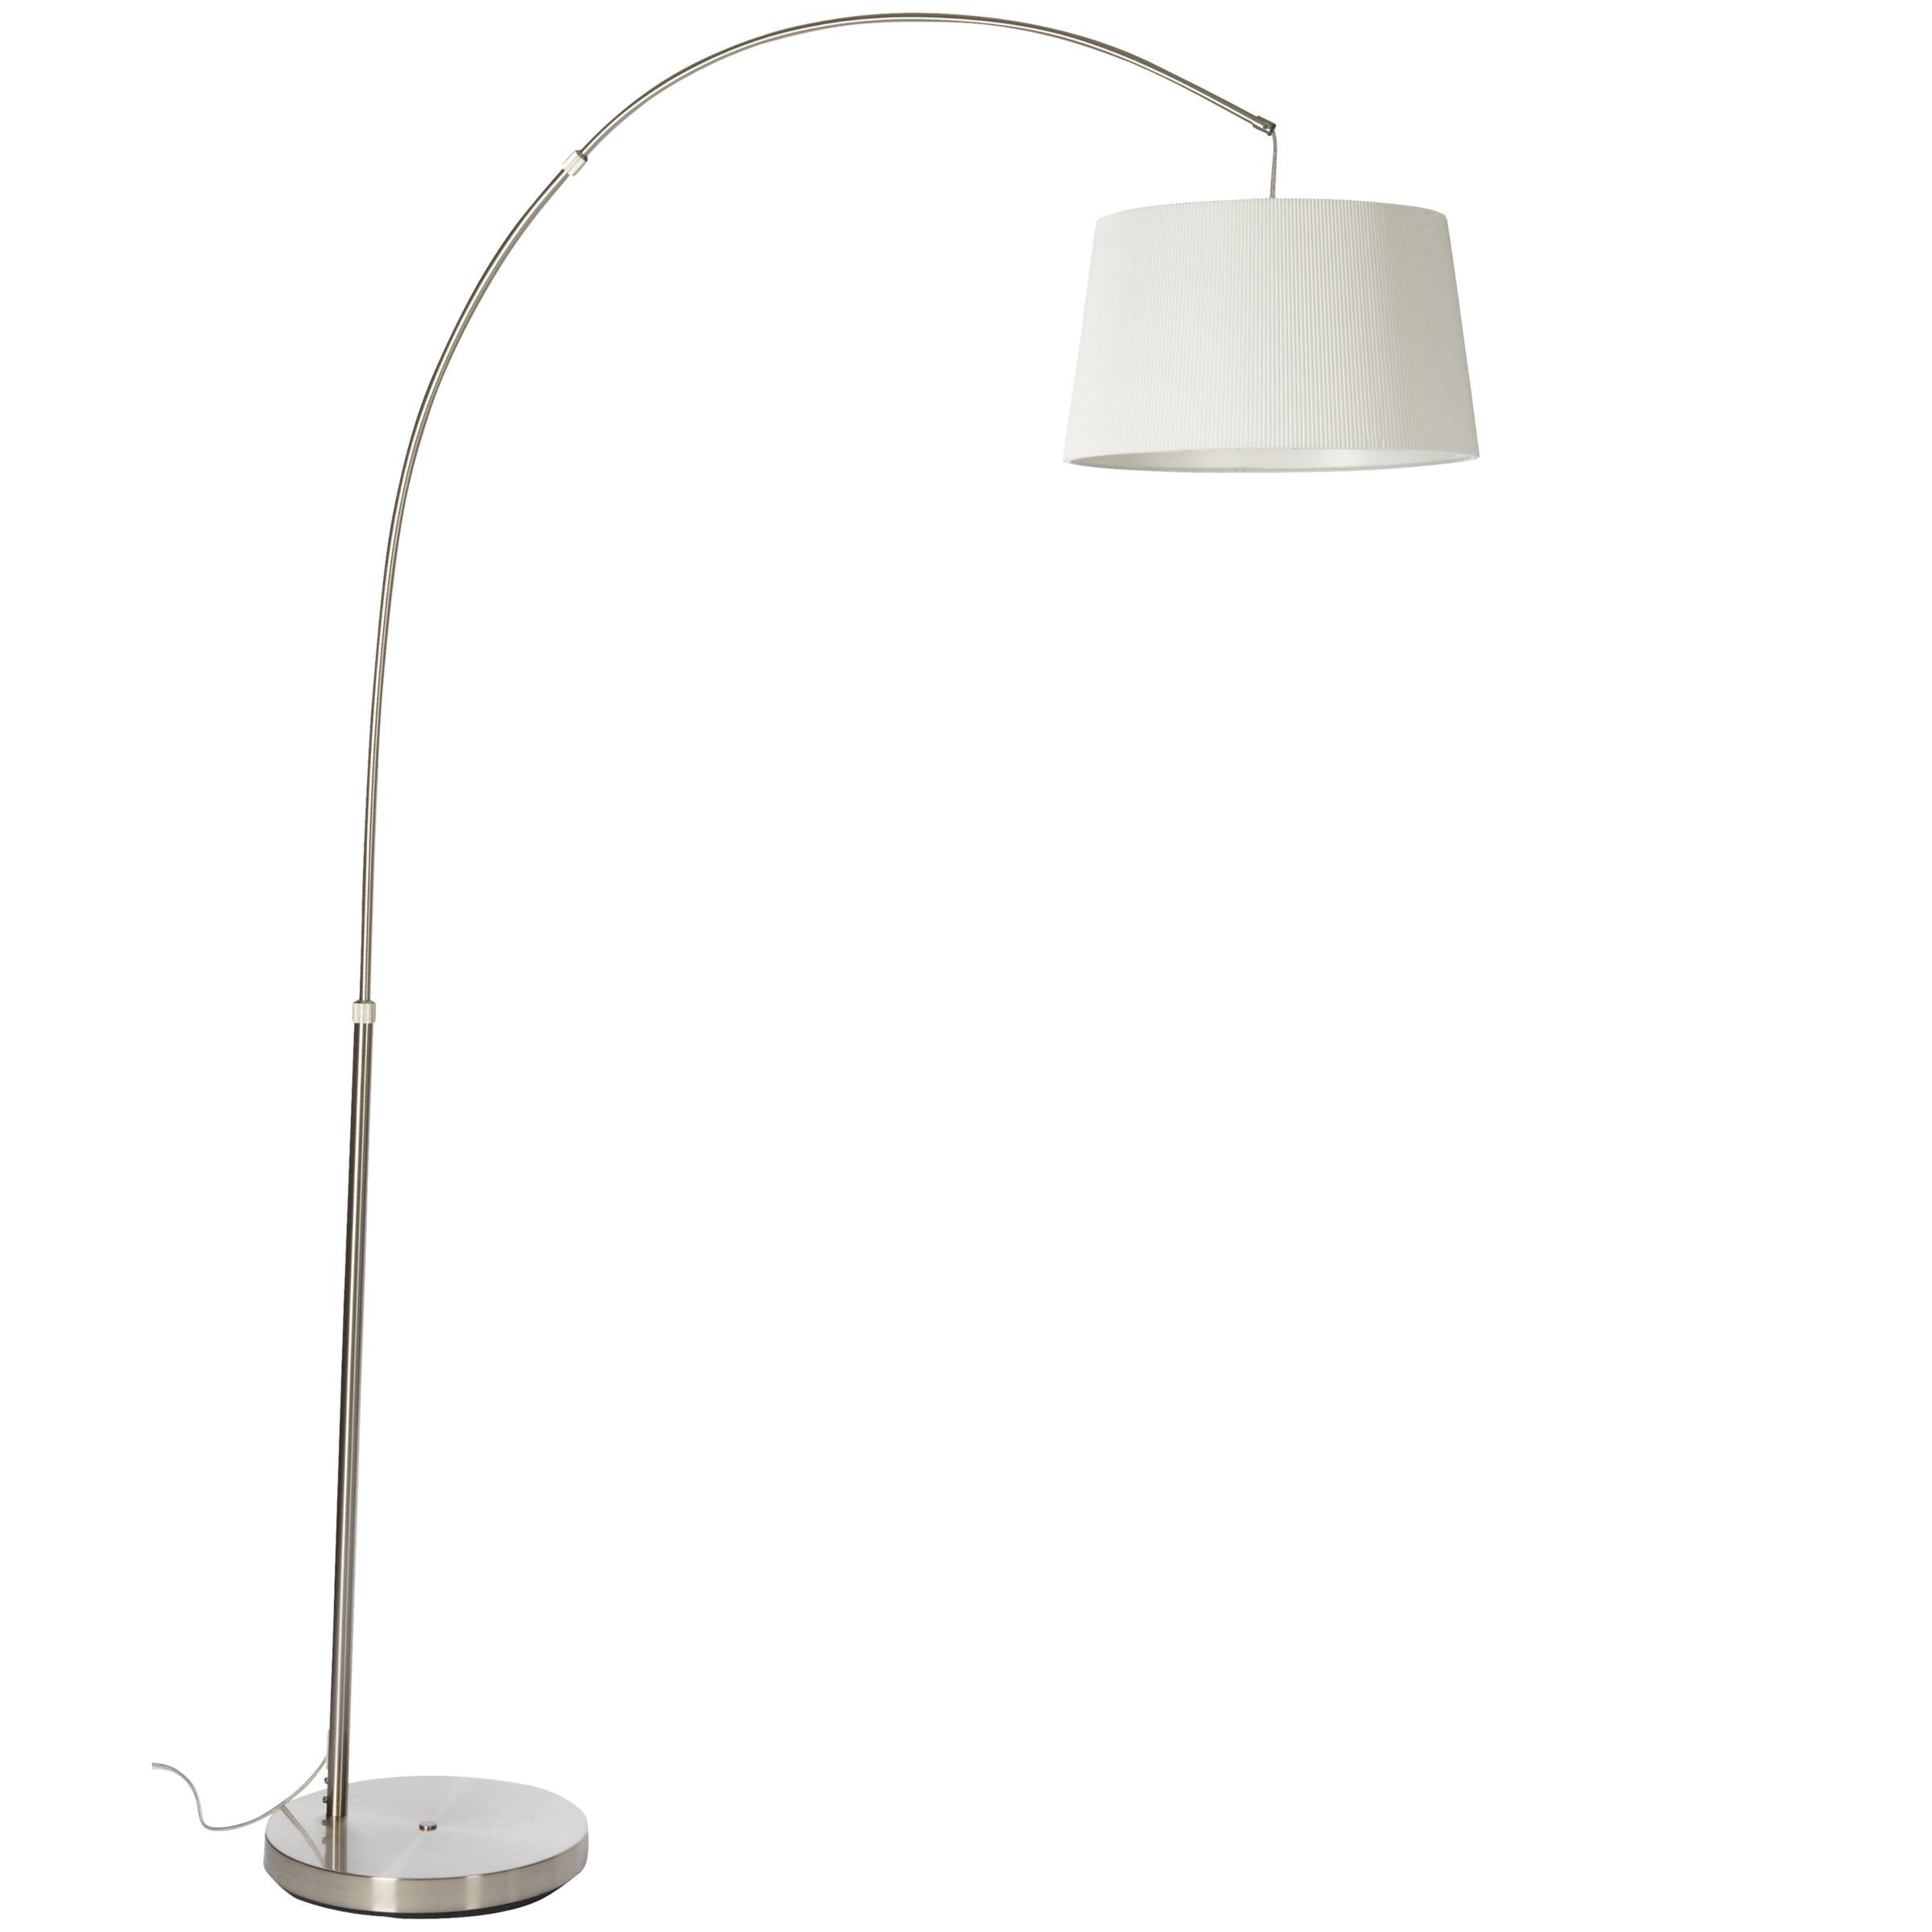 John lewis floor lamps for Copper floor lamp john lewis